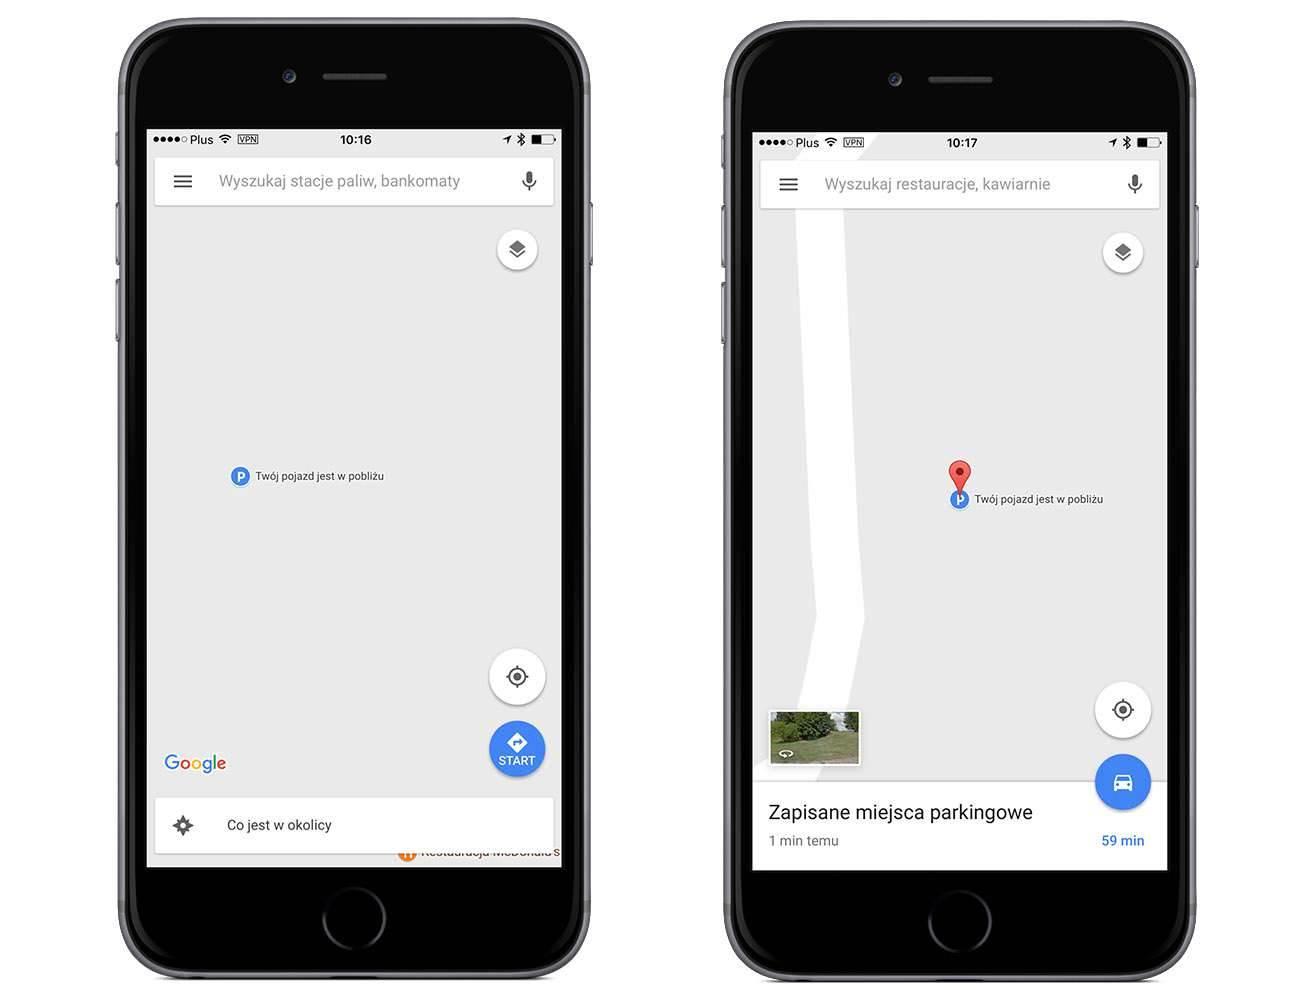 Jak zaznaczyć miejsce parkingowe naszego auta w Google Maps na iOS poradniki, polecane, ciekawostki samochód, pojazd, miejsce parkingowe, Mapy, jak zaznaczyć miejsce parkingowe w google maps, iPhone, iPad, google maps na ios, Google Maps  Może nie wszyscy z Was wiedzą, ale od jakiegoś już czasu w Google Maps dostępna jest funkcja pozawaląca na zaznaczenie miejsca parkingowego naszego zaparkowanego auta. 2 2